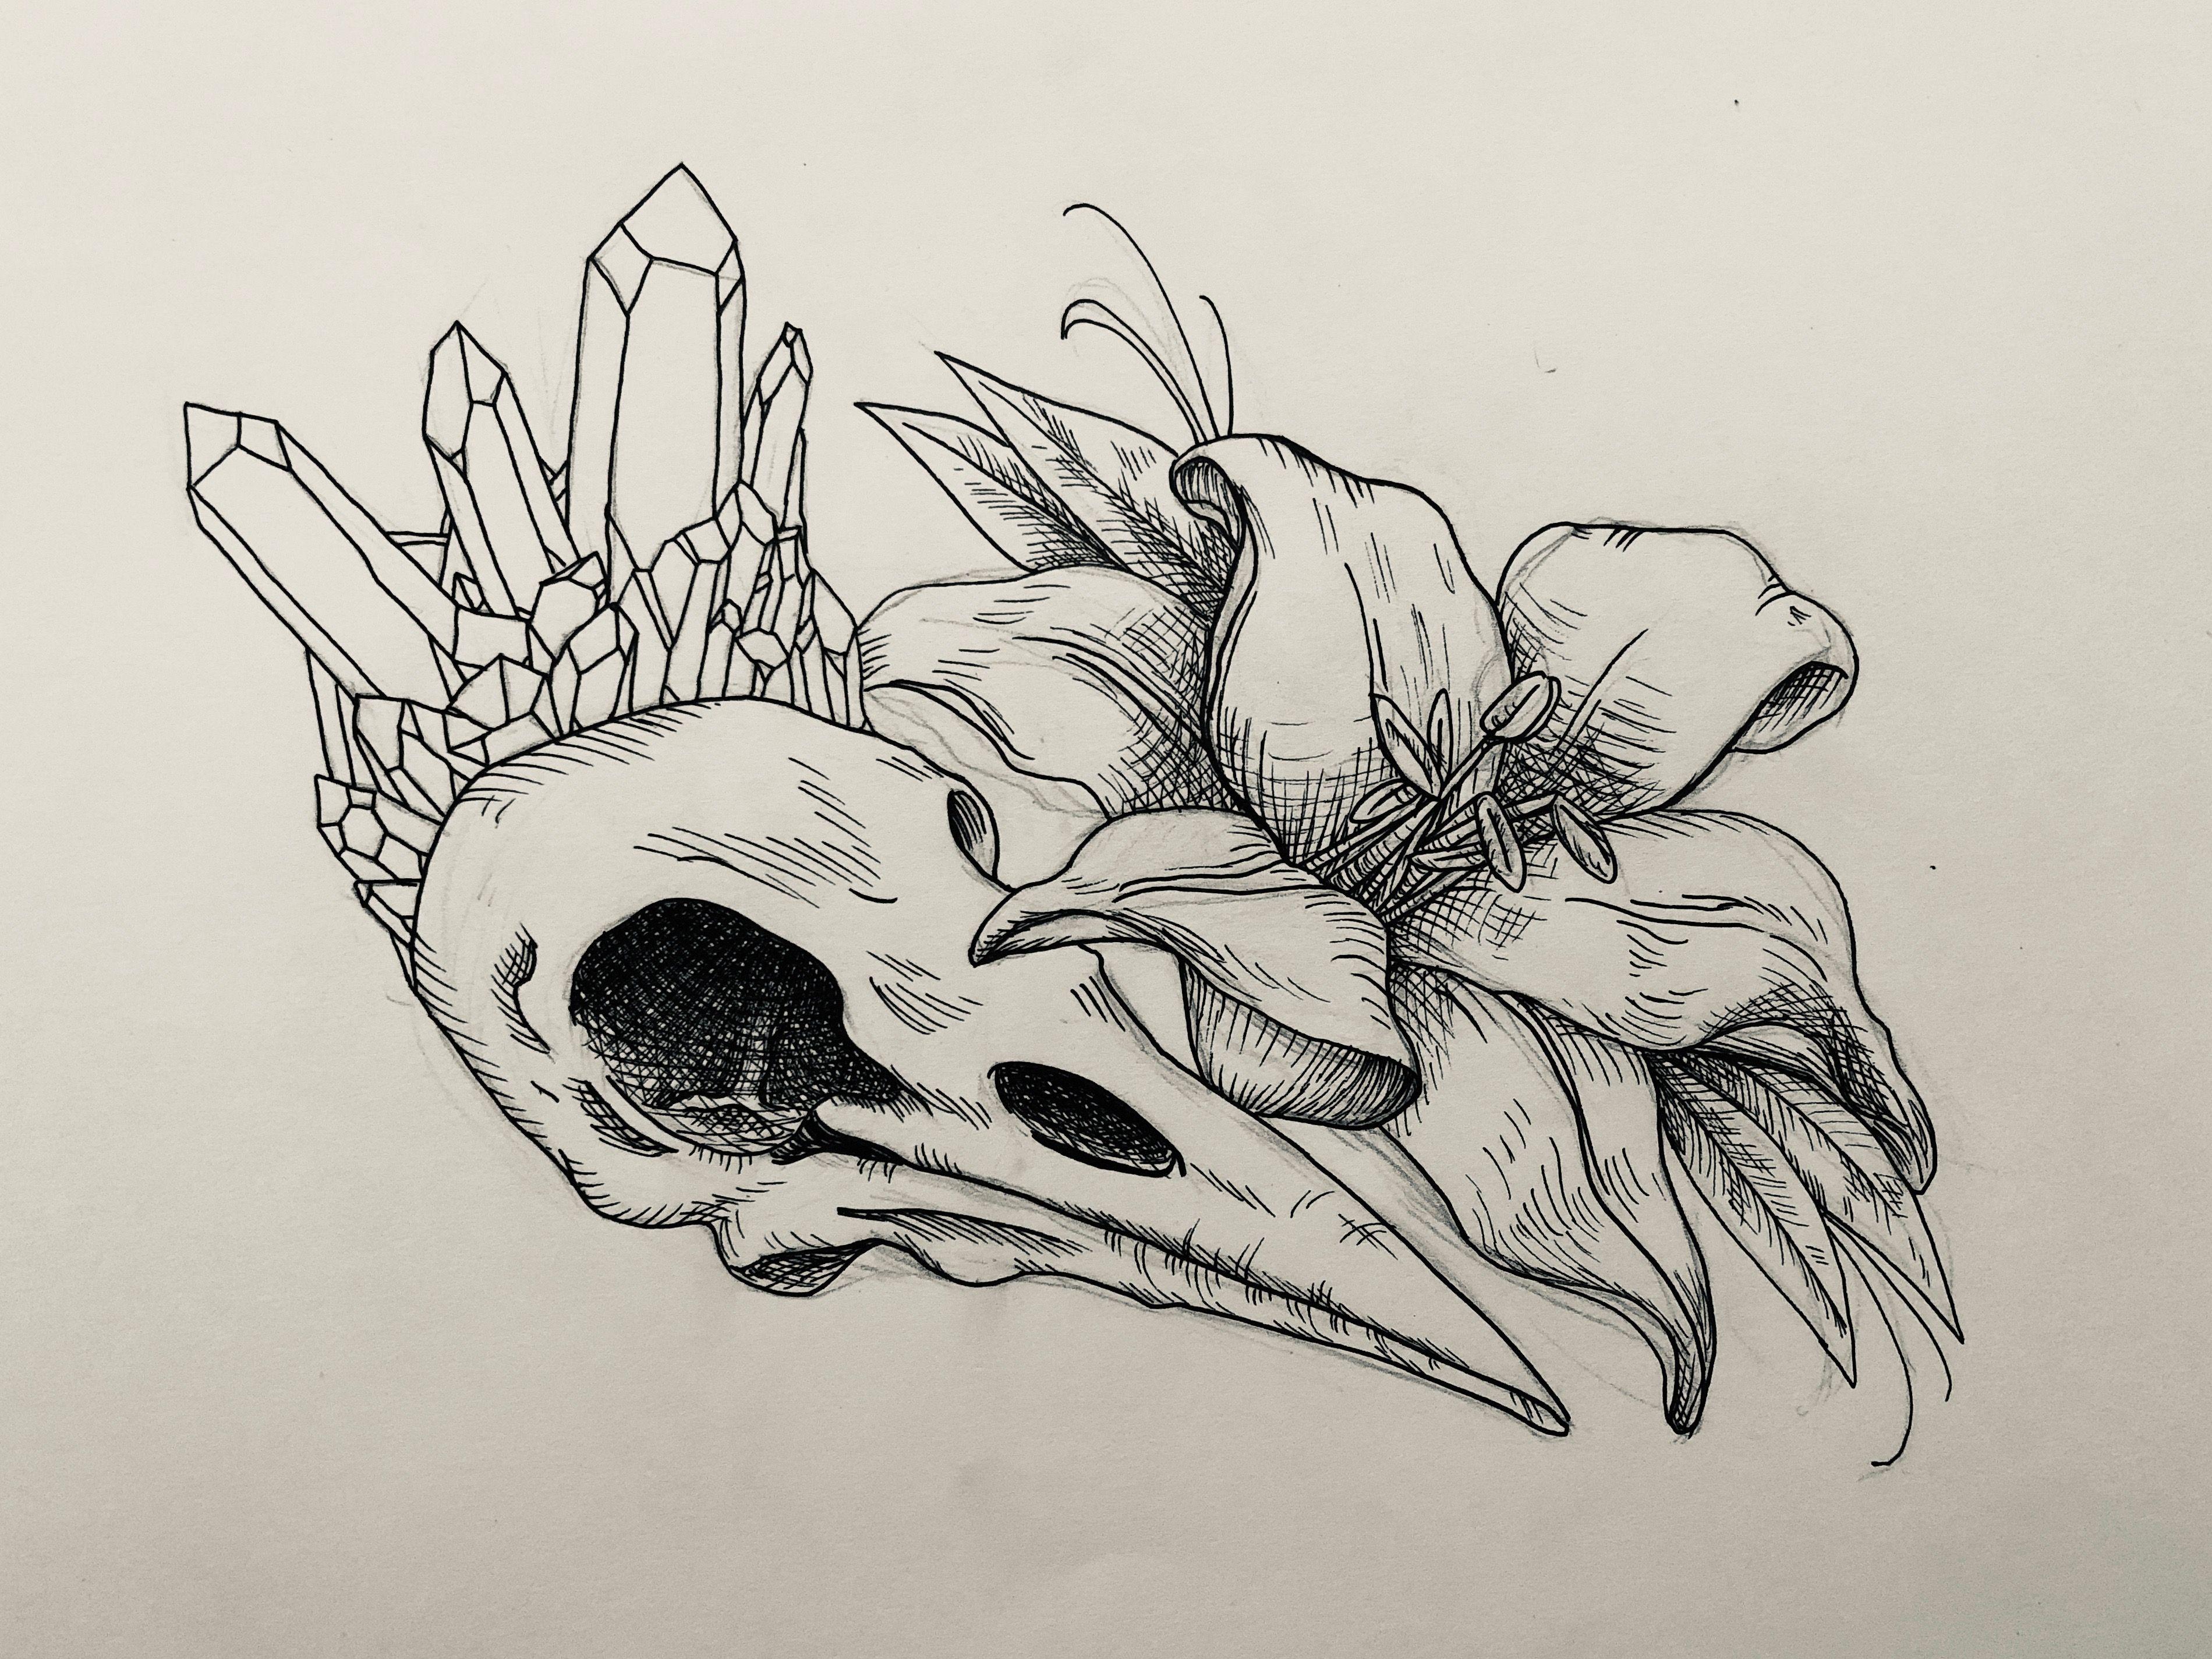 Crystal Lily Bird Skull Tattoo Animal Skull Drawing Animal Skull Tattoos Bird Skull Tattoo